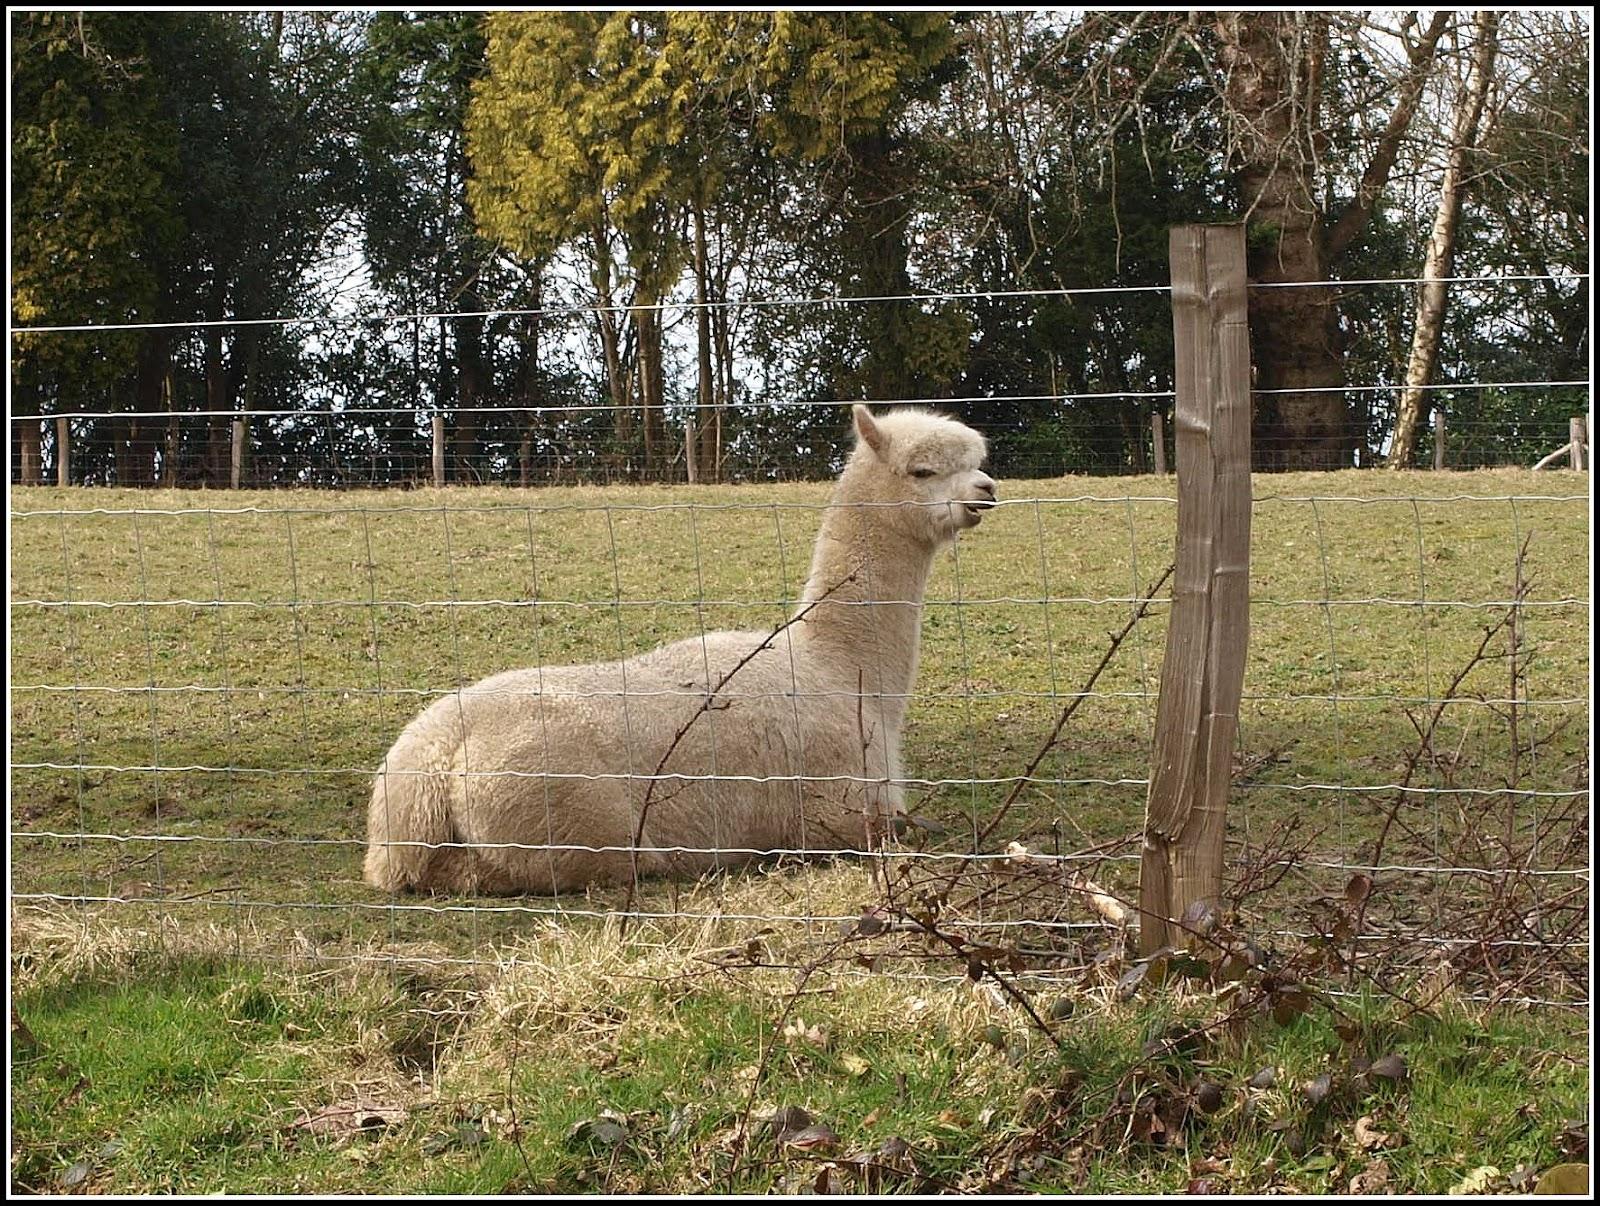 Mark 39 s veg plot celebrating retirement for Alpaca view farm cuisine